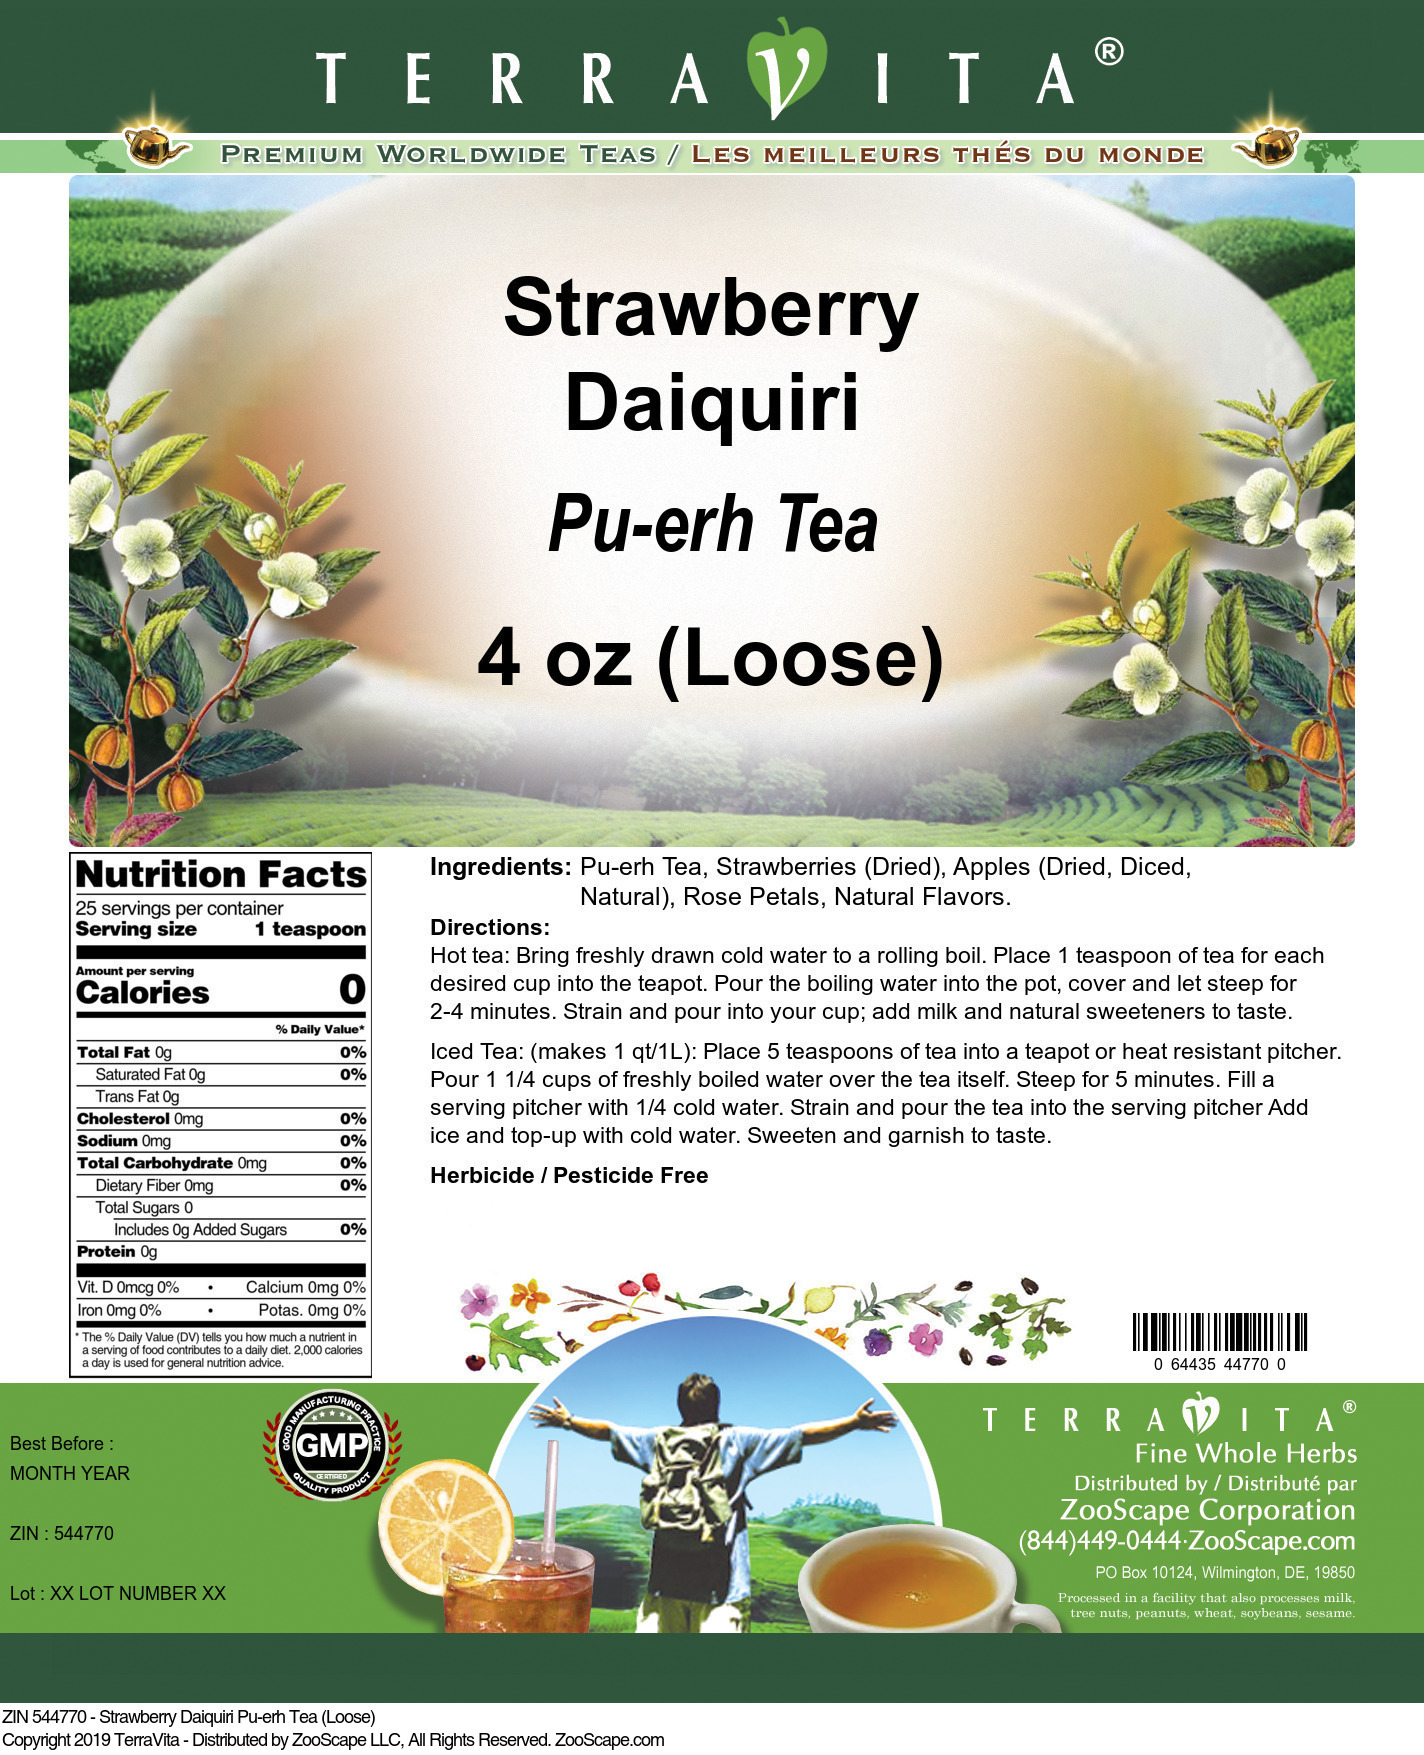 Strawberry Daiquiri Pu-erh Tea (Loose)